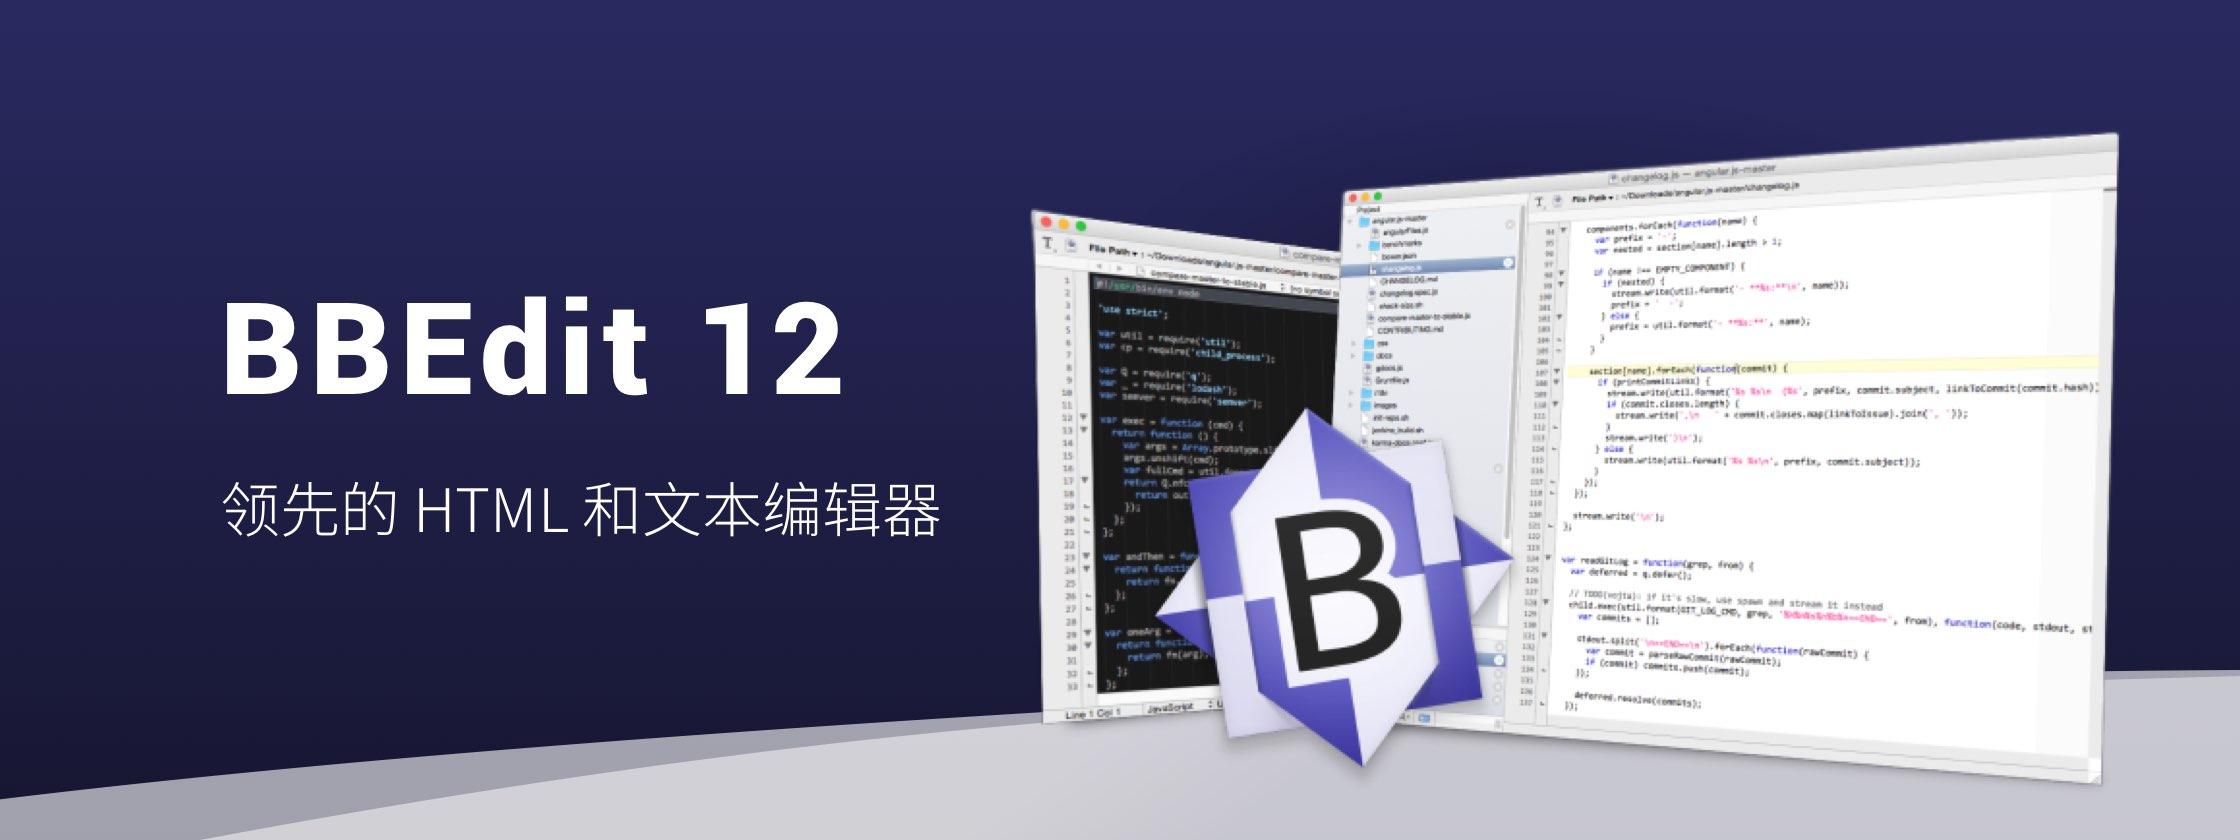 BBEdit:更专业的代码编辑器